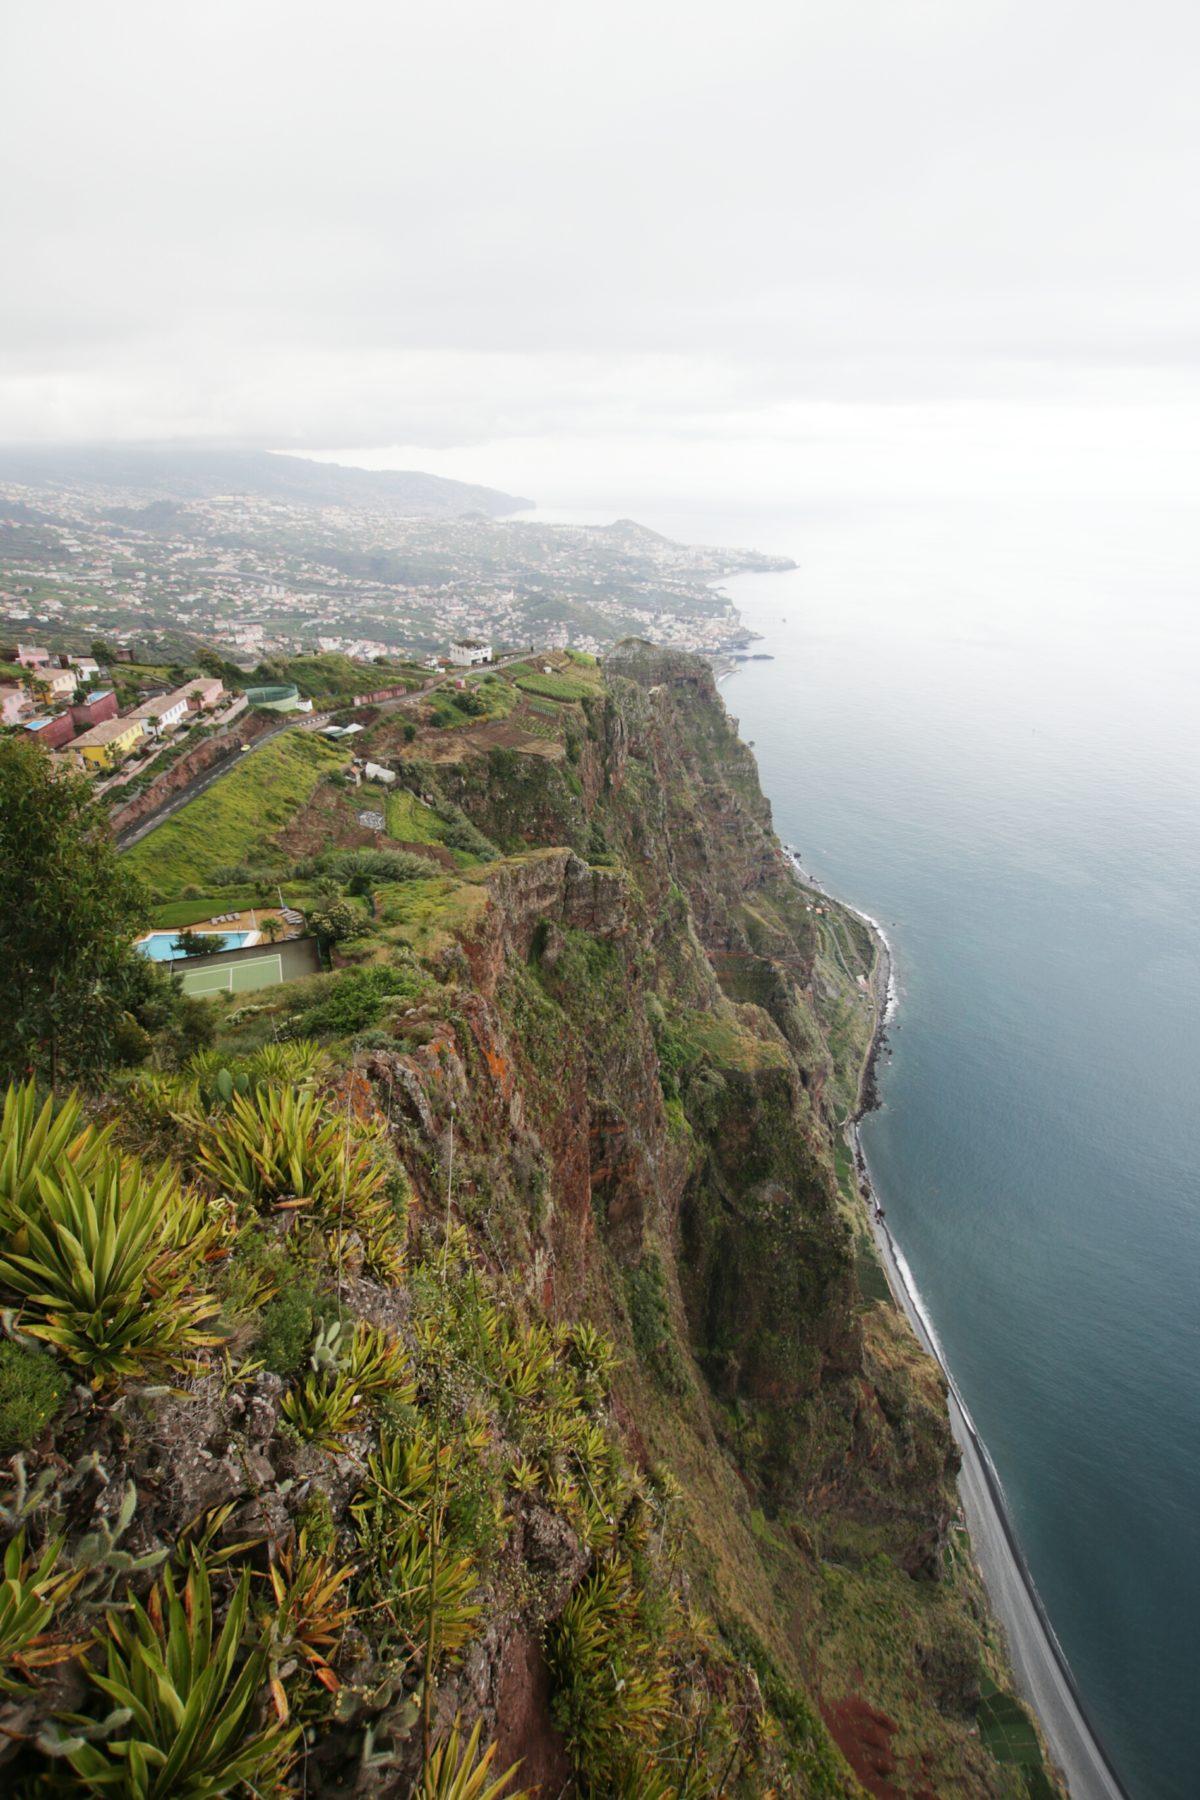 ATRAKCJE MADERY: Levady, Cabo Girão, Cristo Rei + FILM